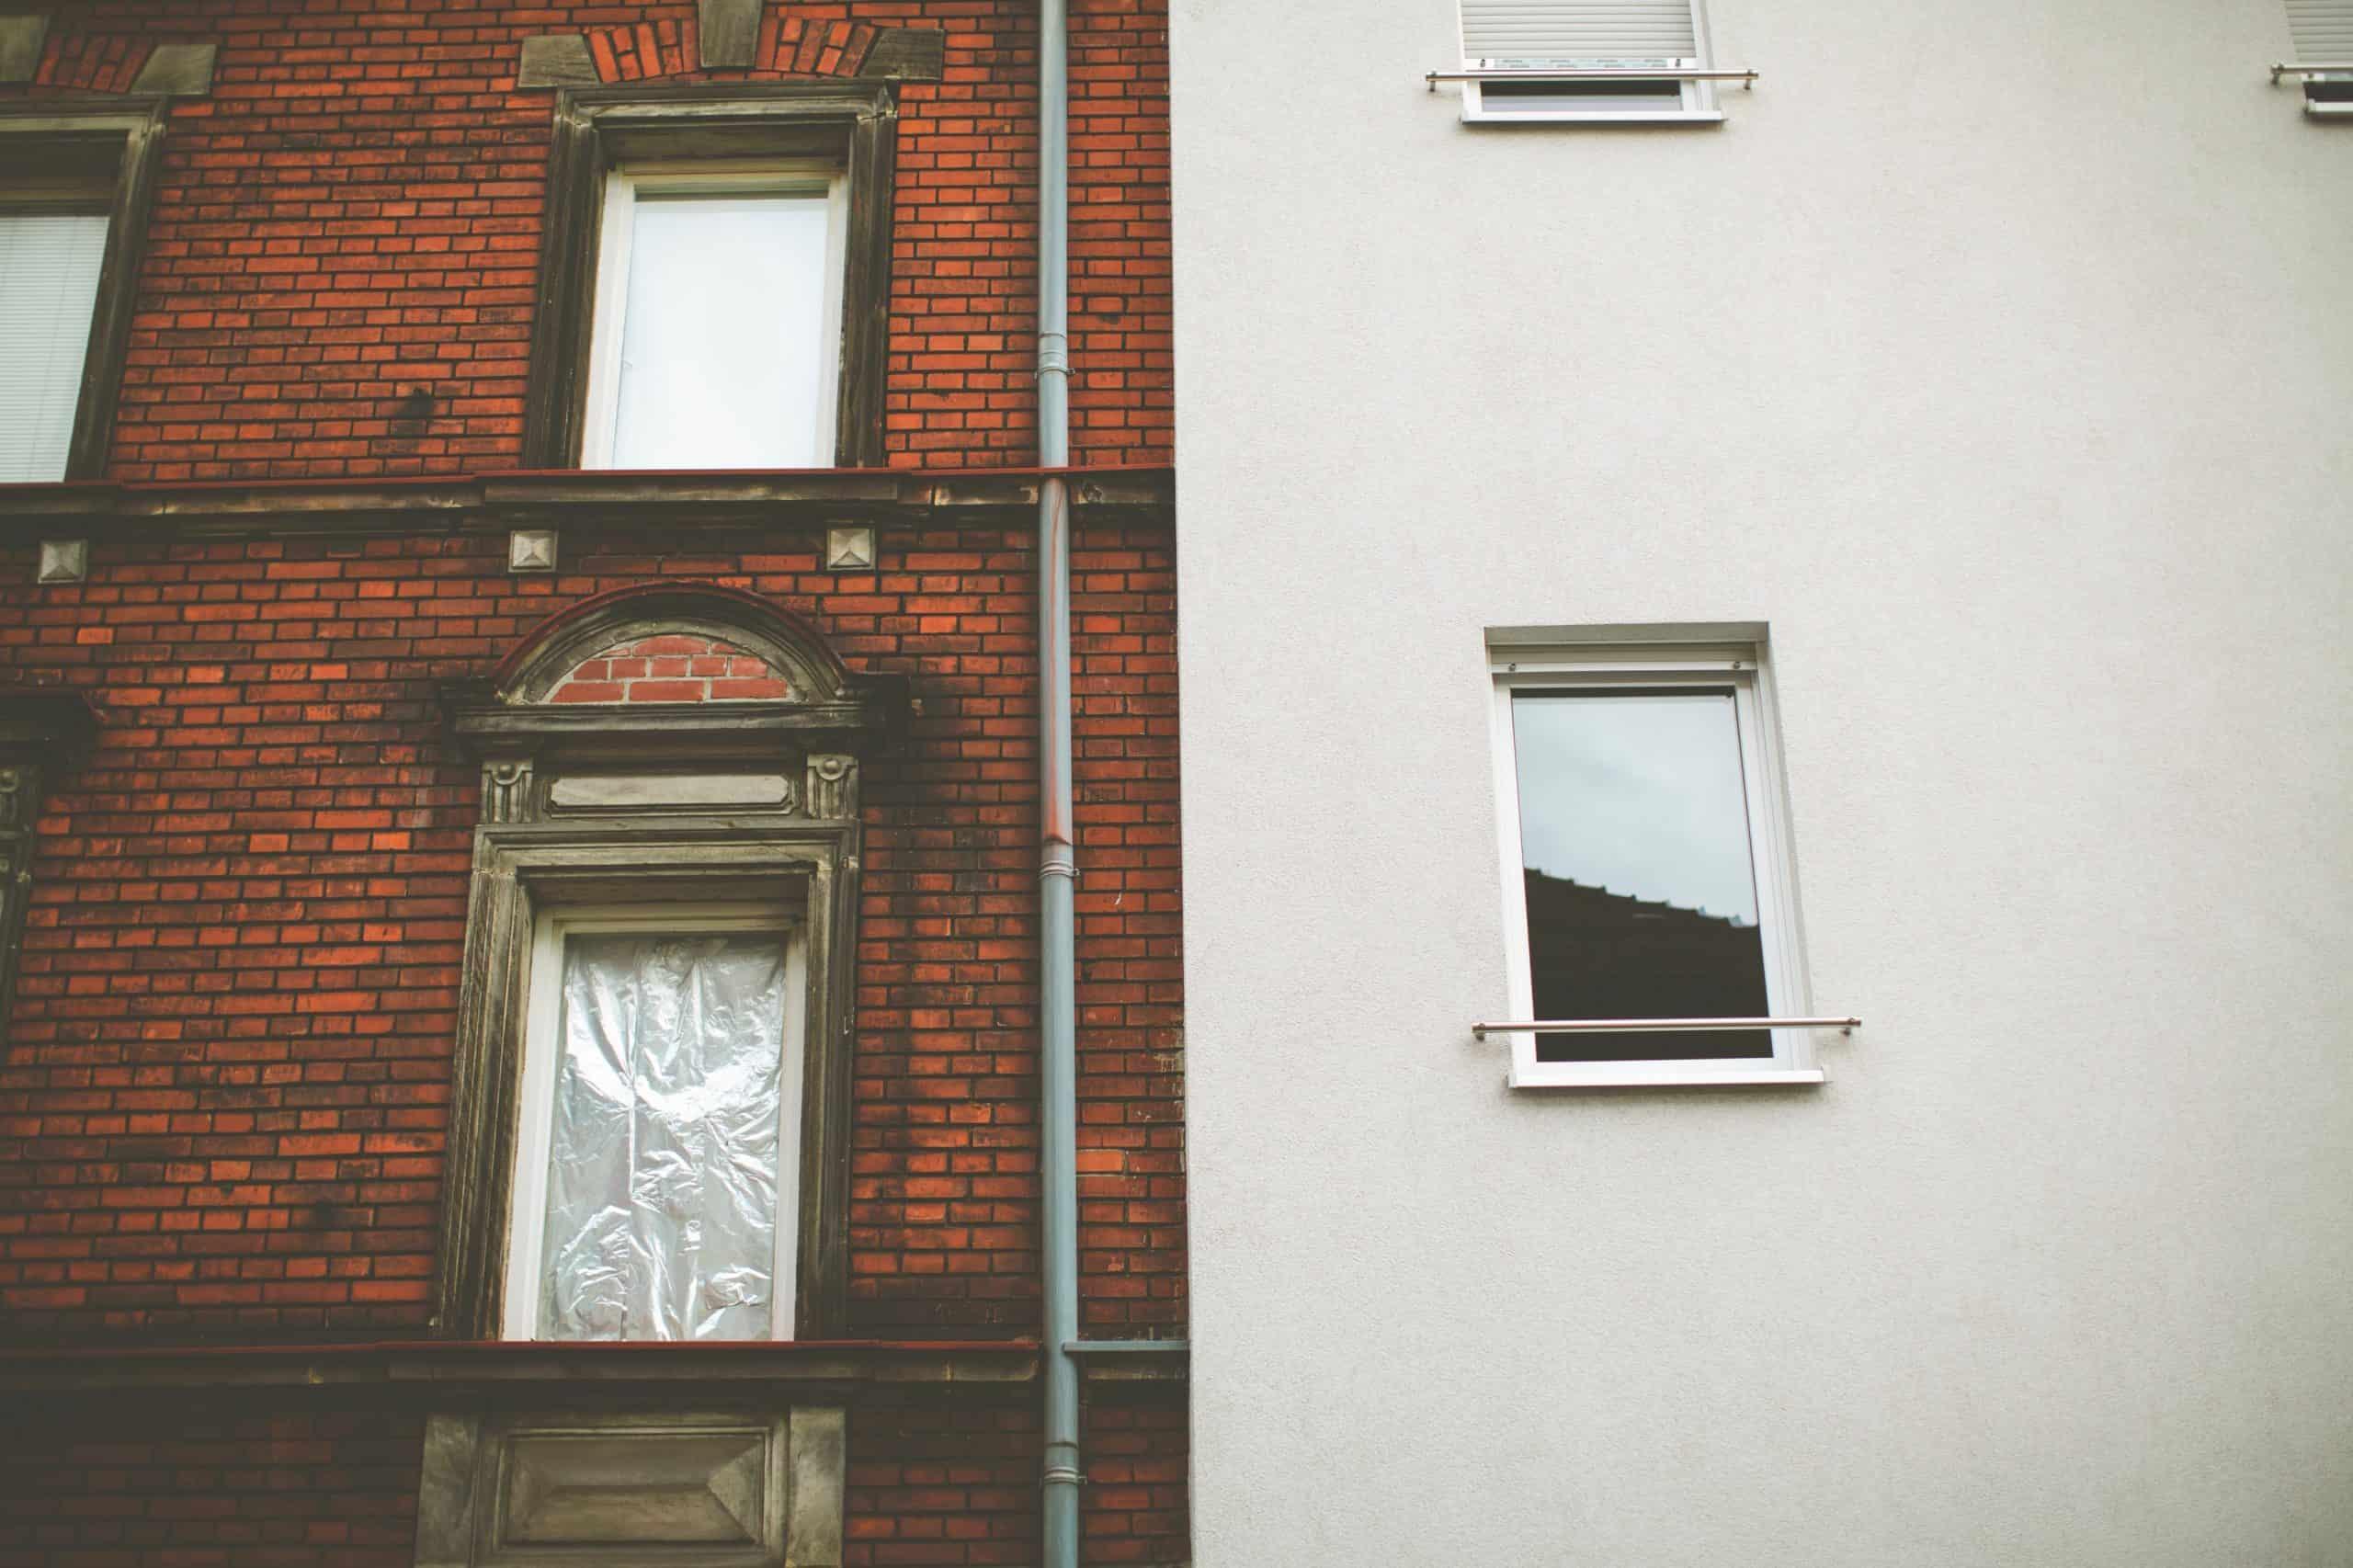 Fassade eines Backstein-Altbaus direkt angrenzend an die Fassade eines sanierten Hauses